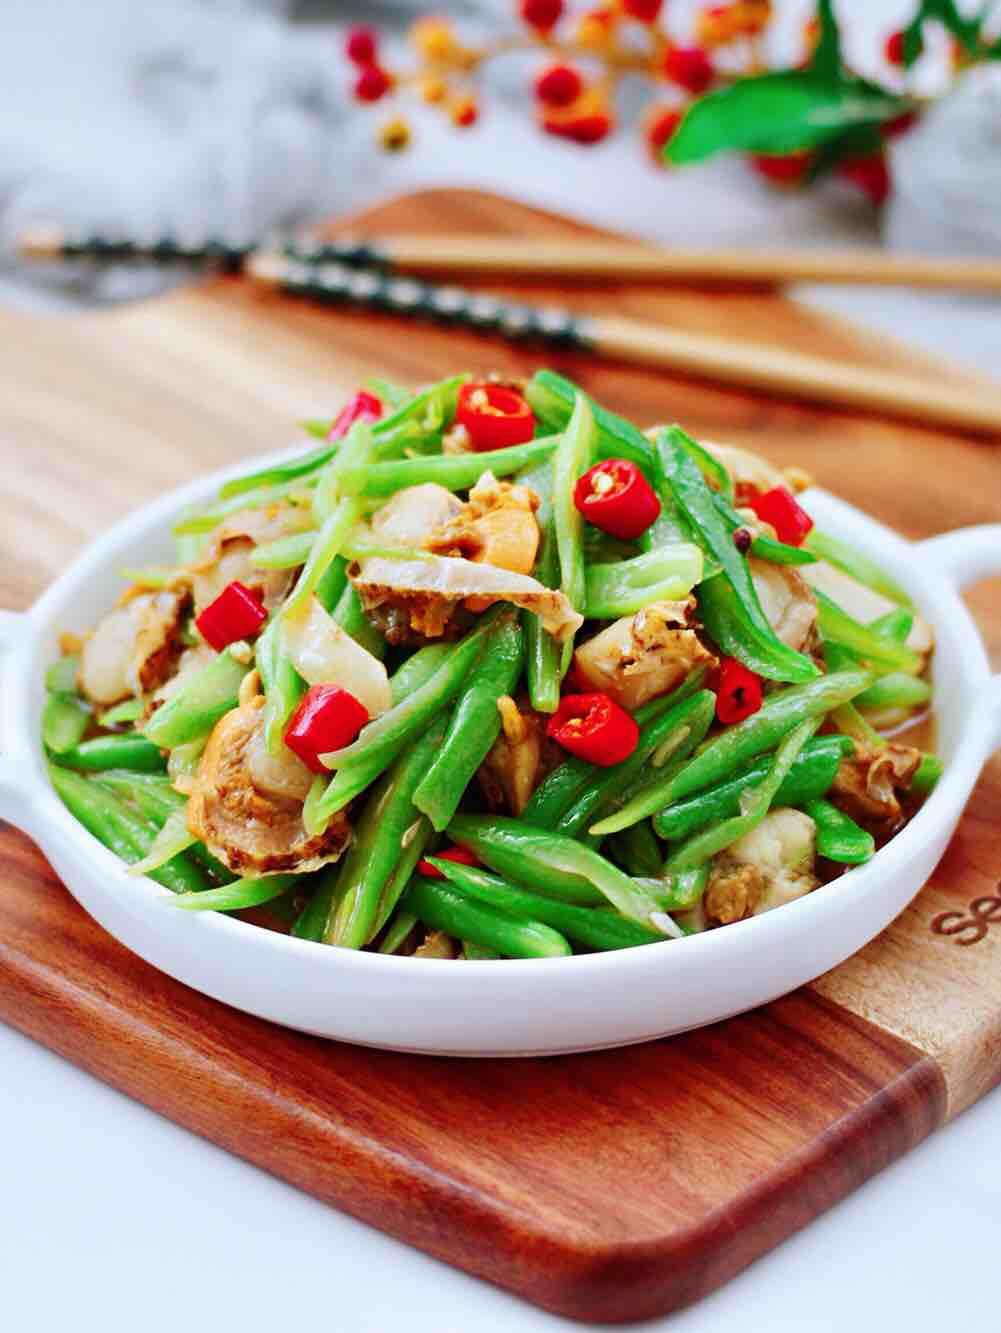 四季豆炒扇贝肉的做法